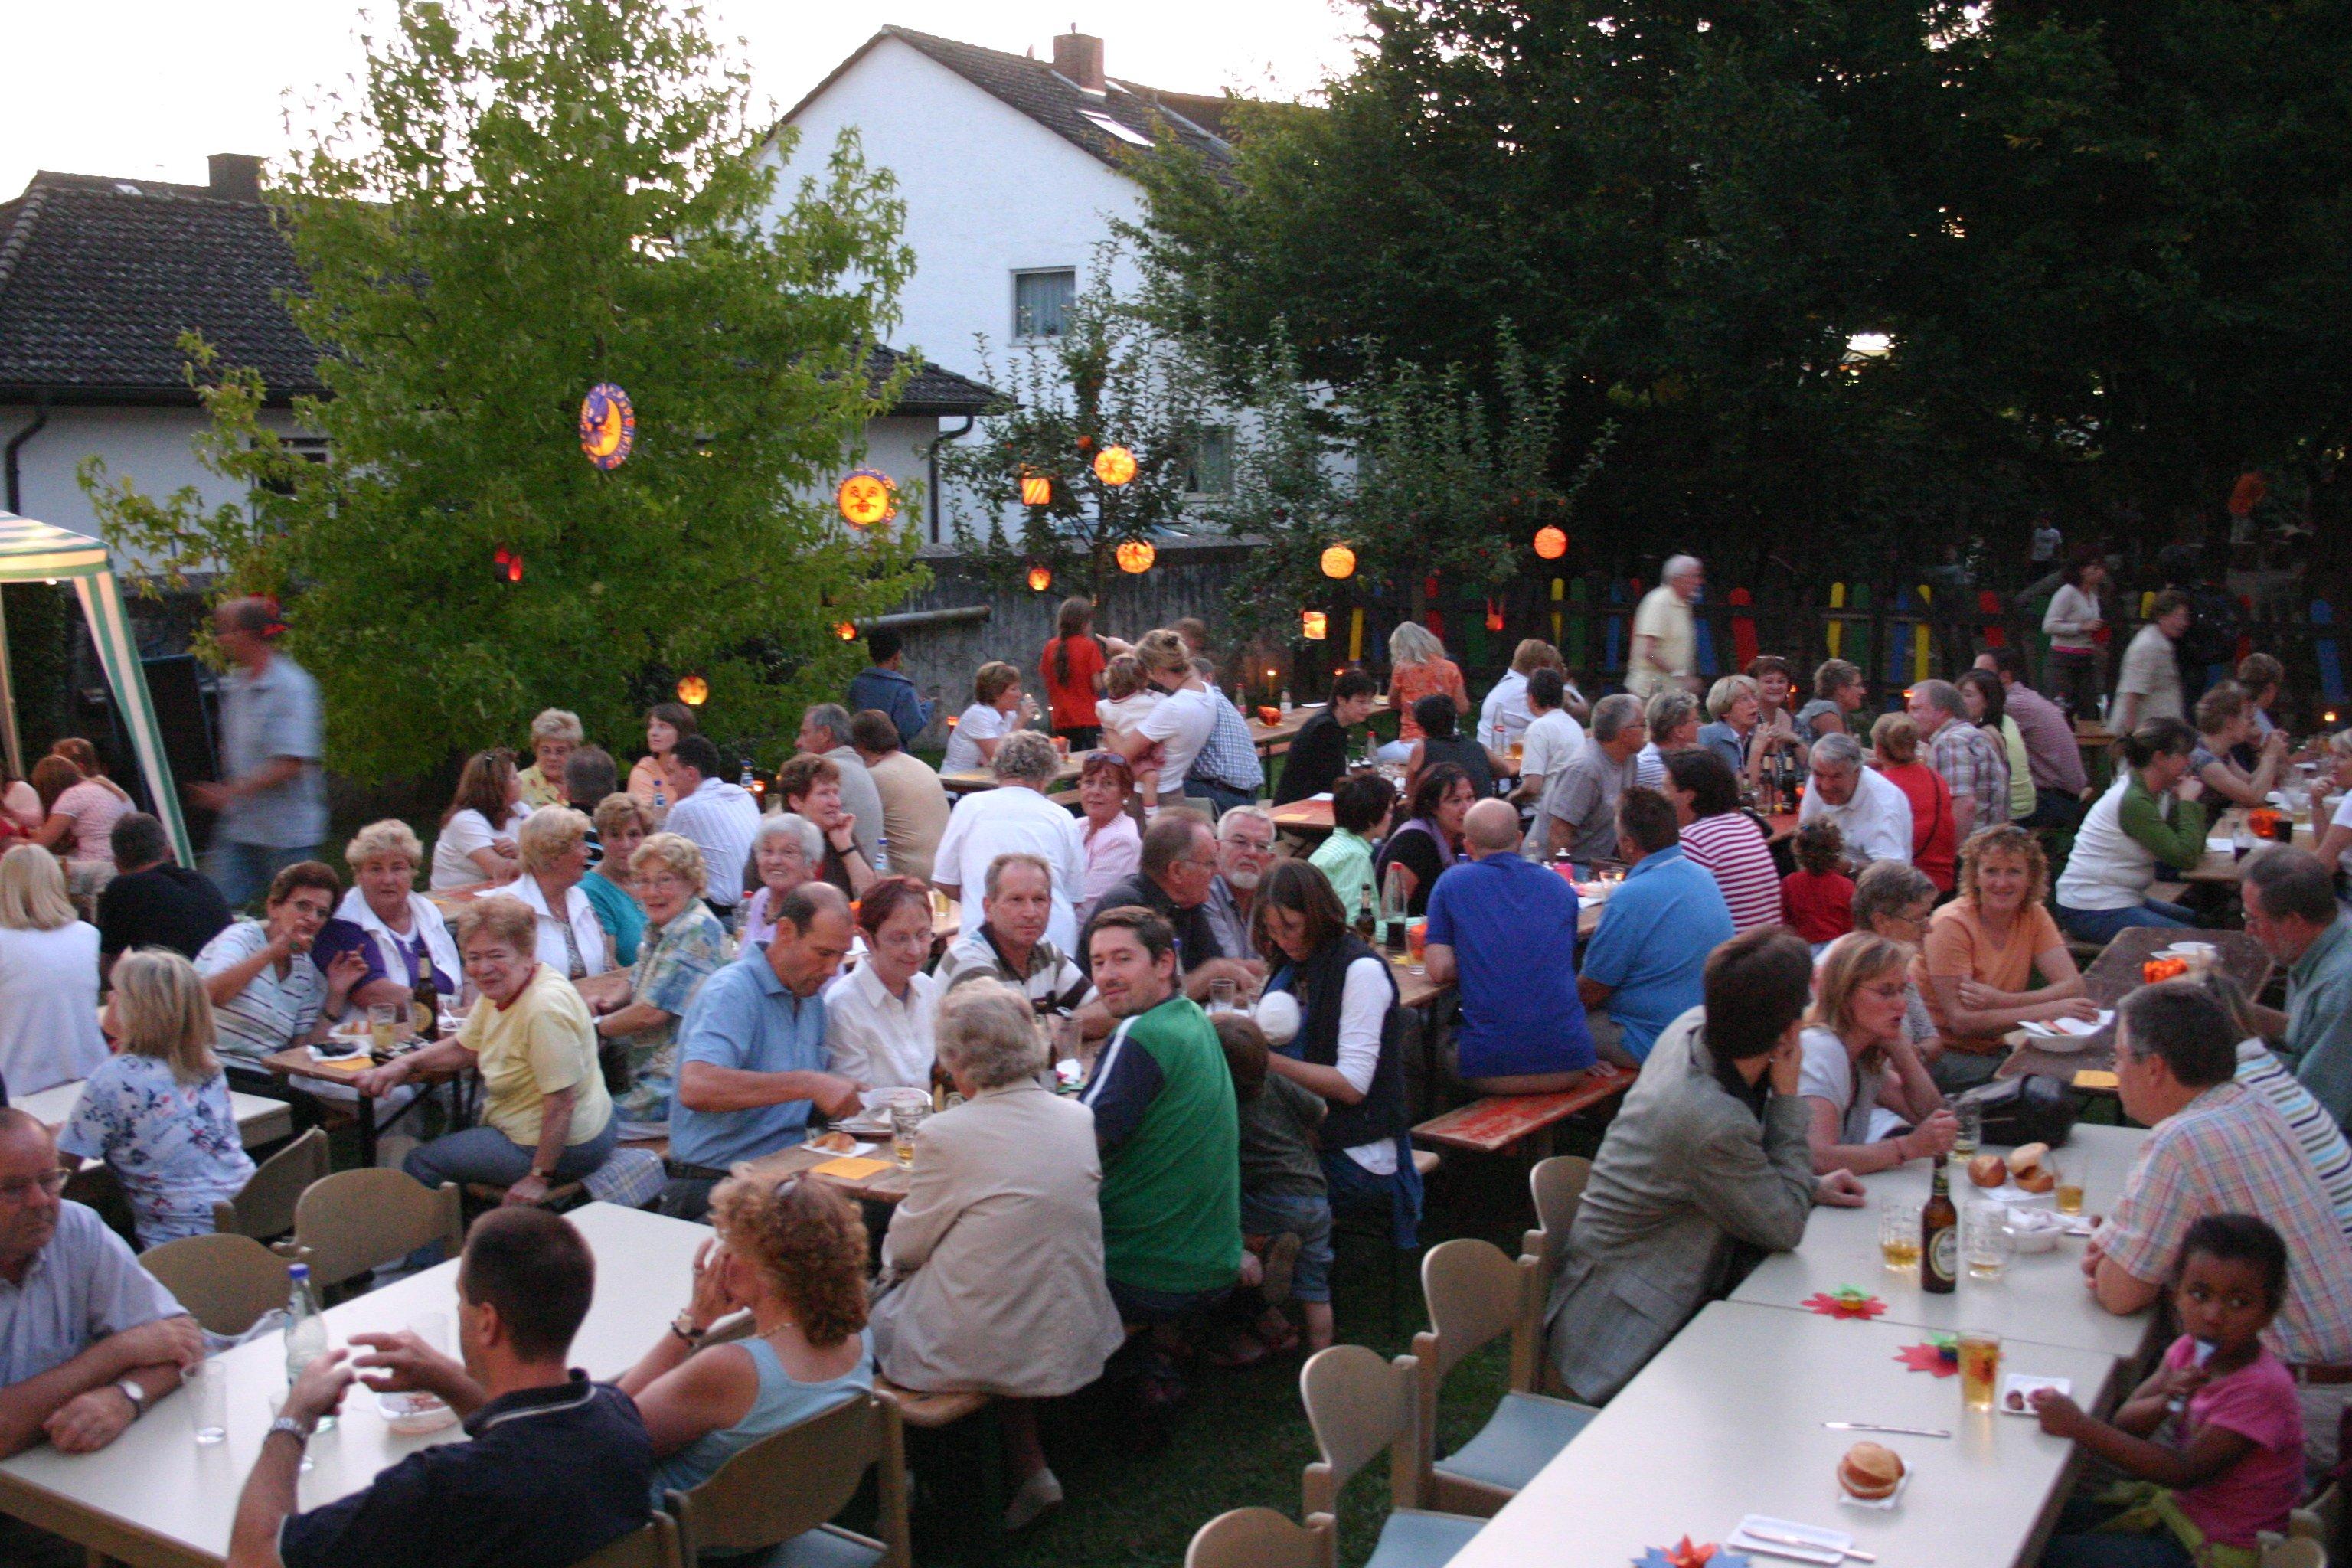 Viele Menschen auf Bierbänken im Kirchgarten beim Sommerfest, in den Bäumen hängen Lampions